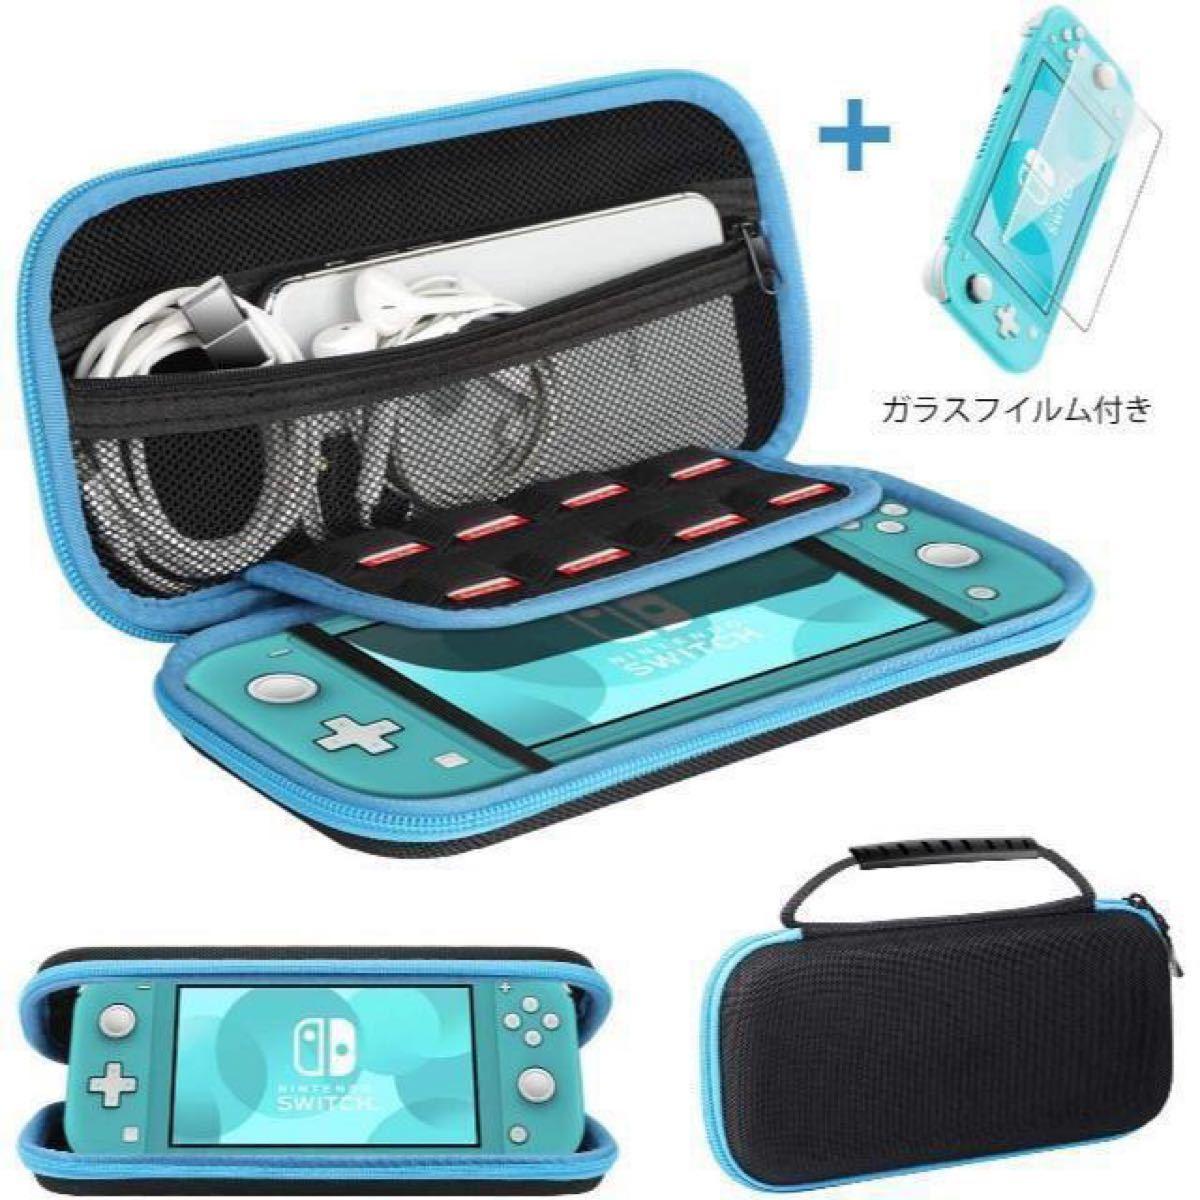 Nintendo Switch 任天堂スイッチケース ニンテンドースイッチ ガラスフィルム